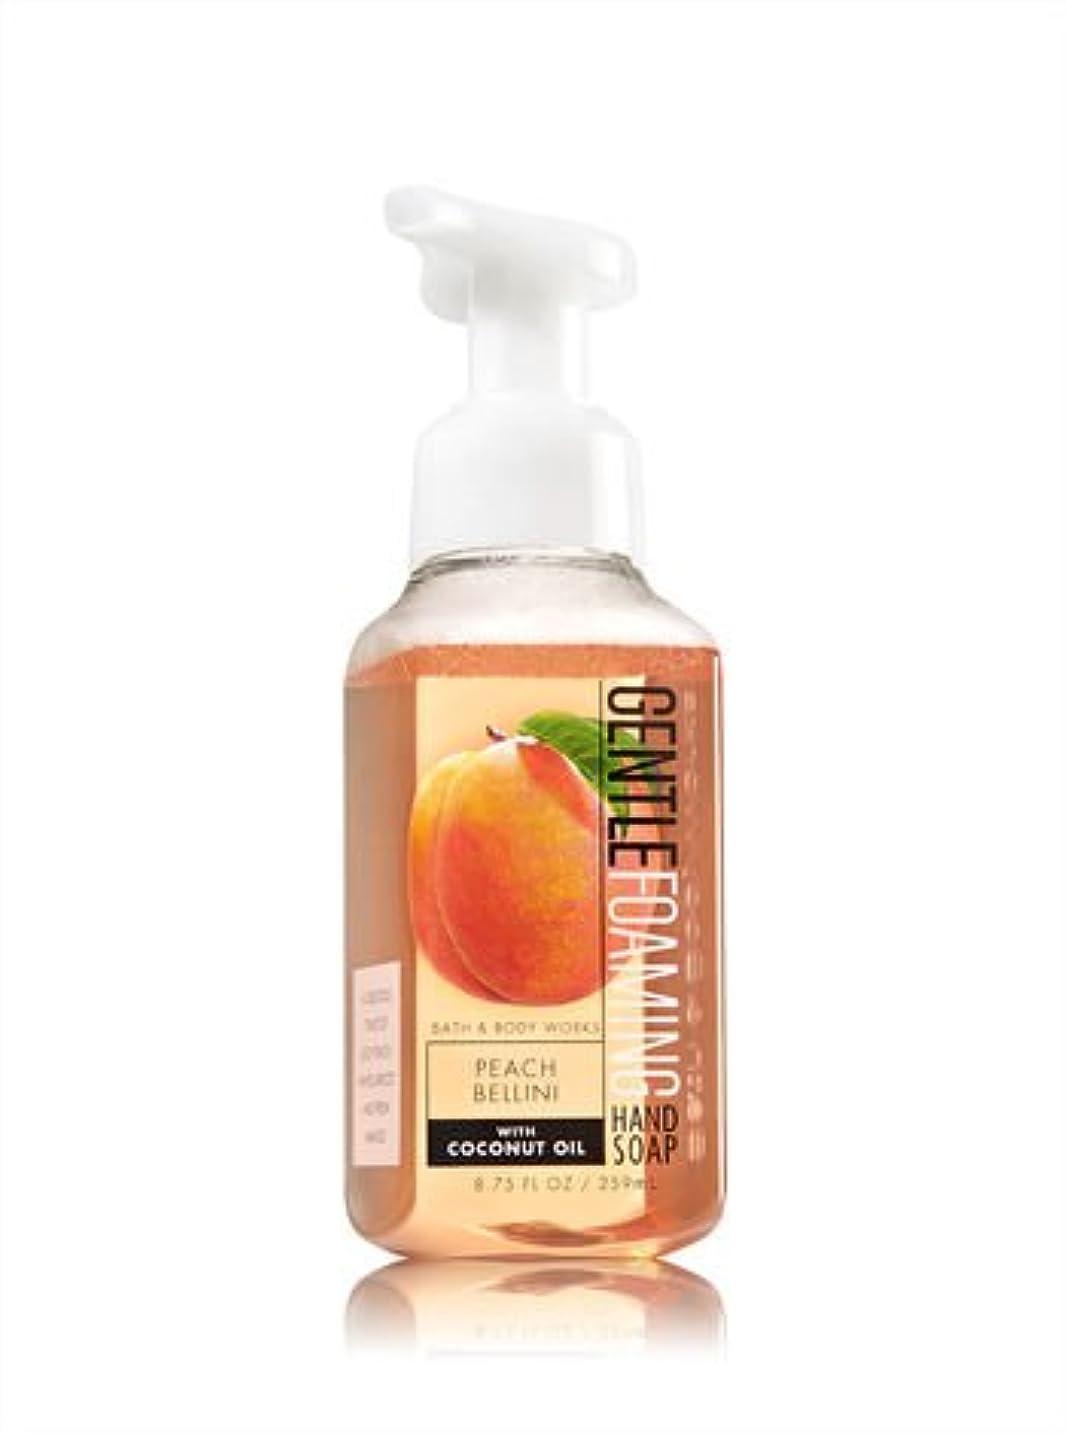 ラショナル決して売上高バス&ボディワークス ピーチベリーニ ジェントル フォーミング ハンドソープ Peach Bellini Gentle Foaming Hand Soap [並行輸入品]